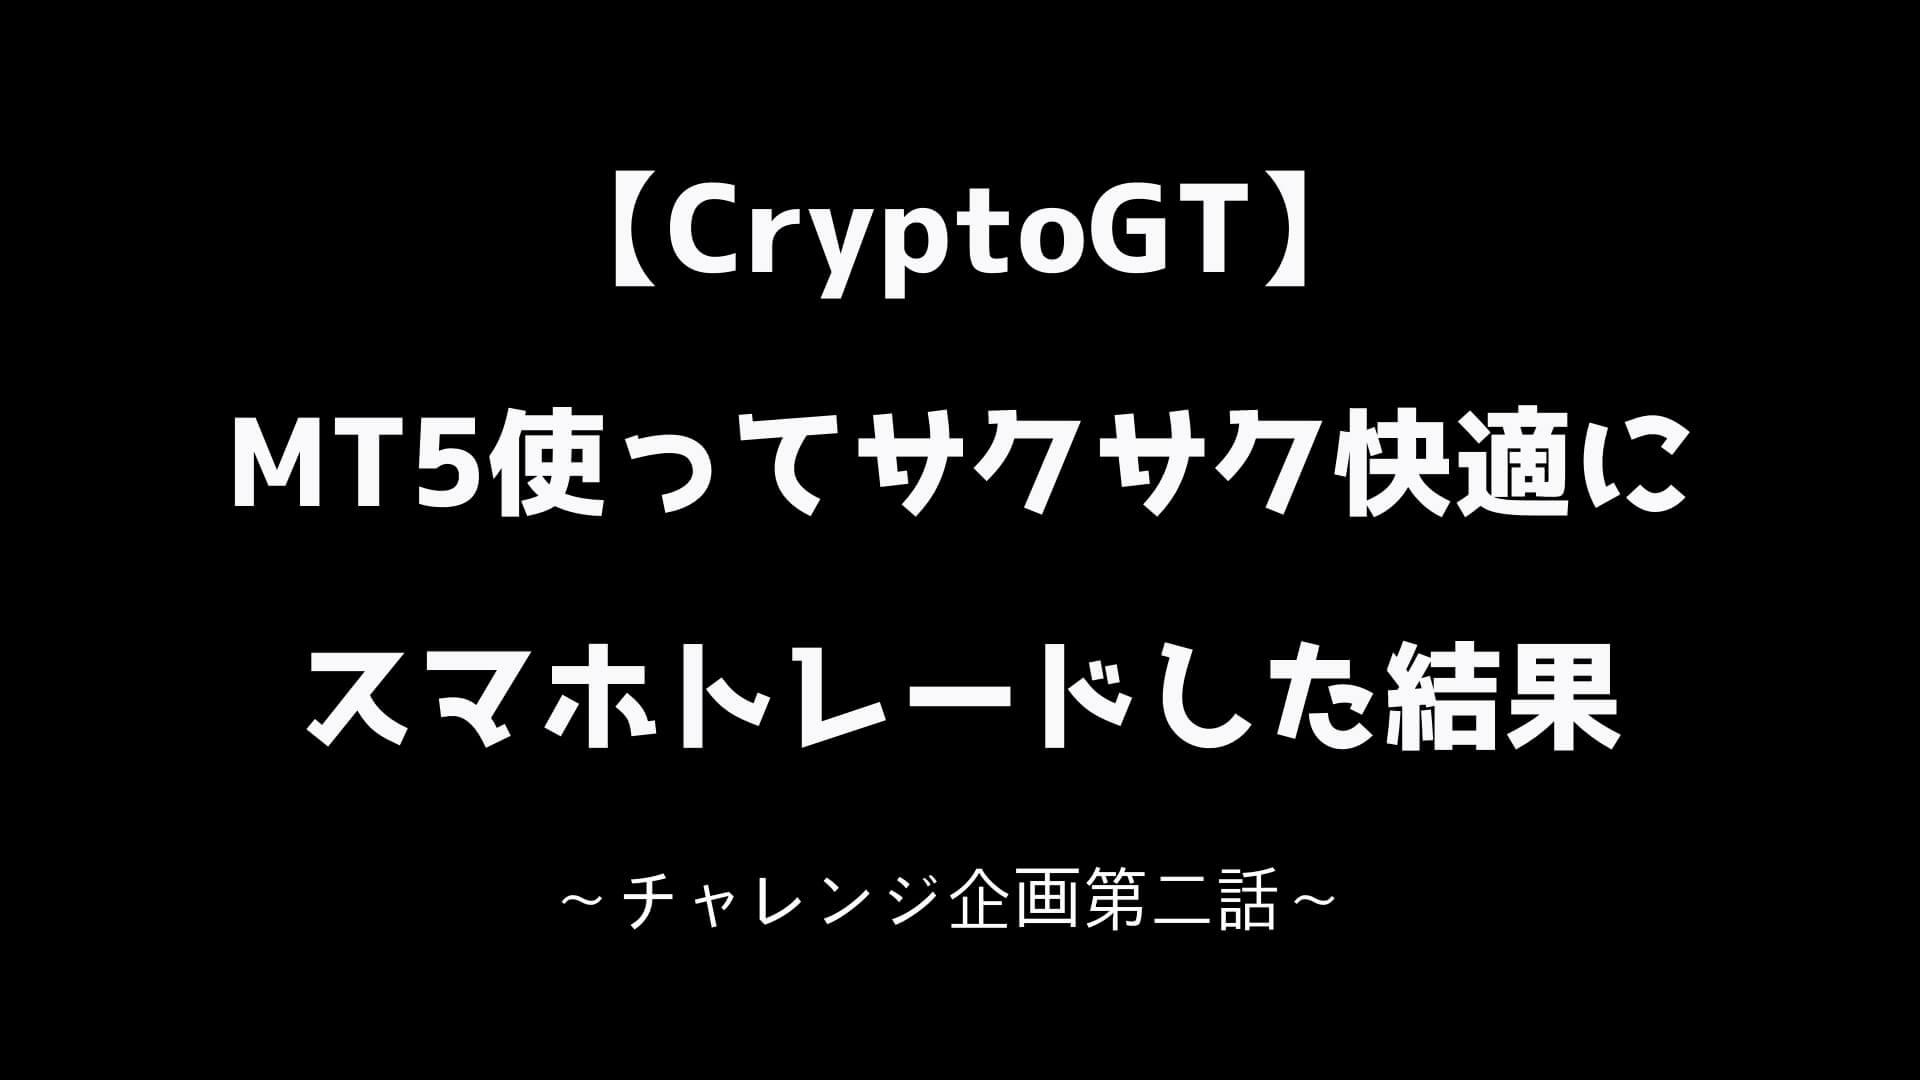 CryptoGT MT5使ってサクサク快適にスマホトレードした結果